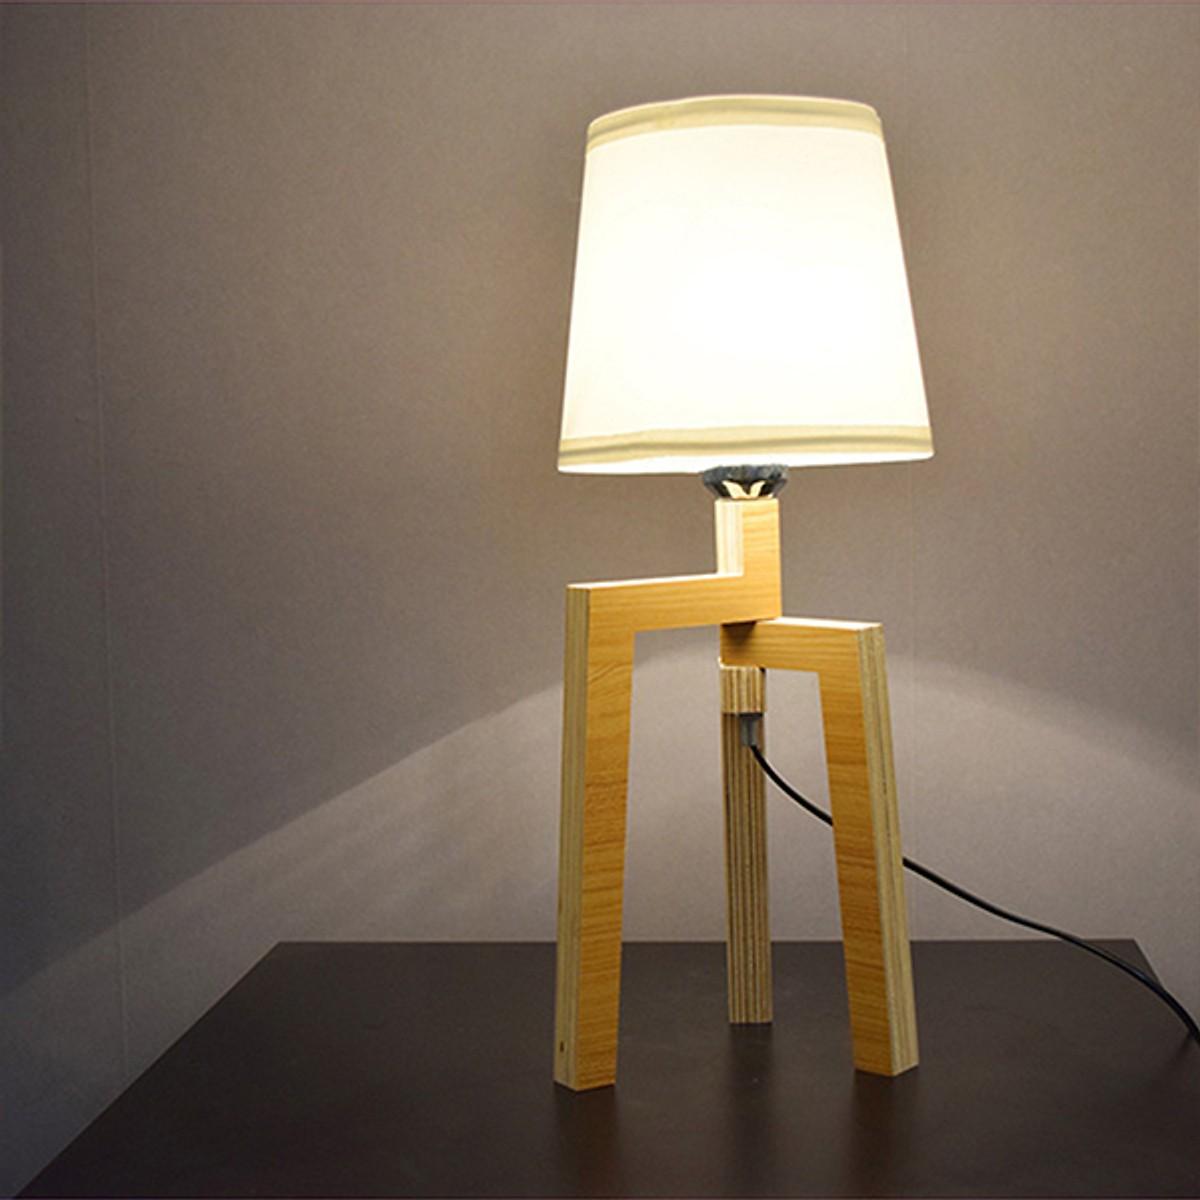 Đèn trang trí phòng ngủ kèm bóng LED CN400 đế gỗ cao cấp